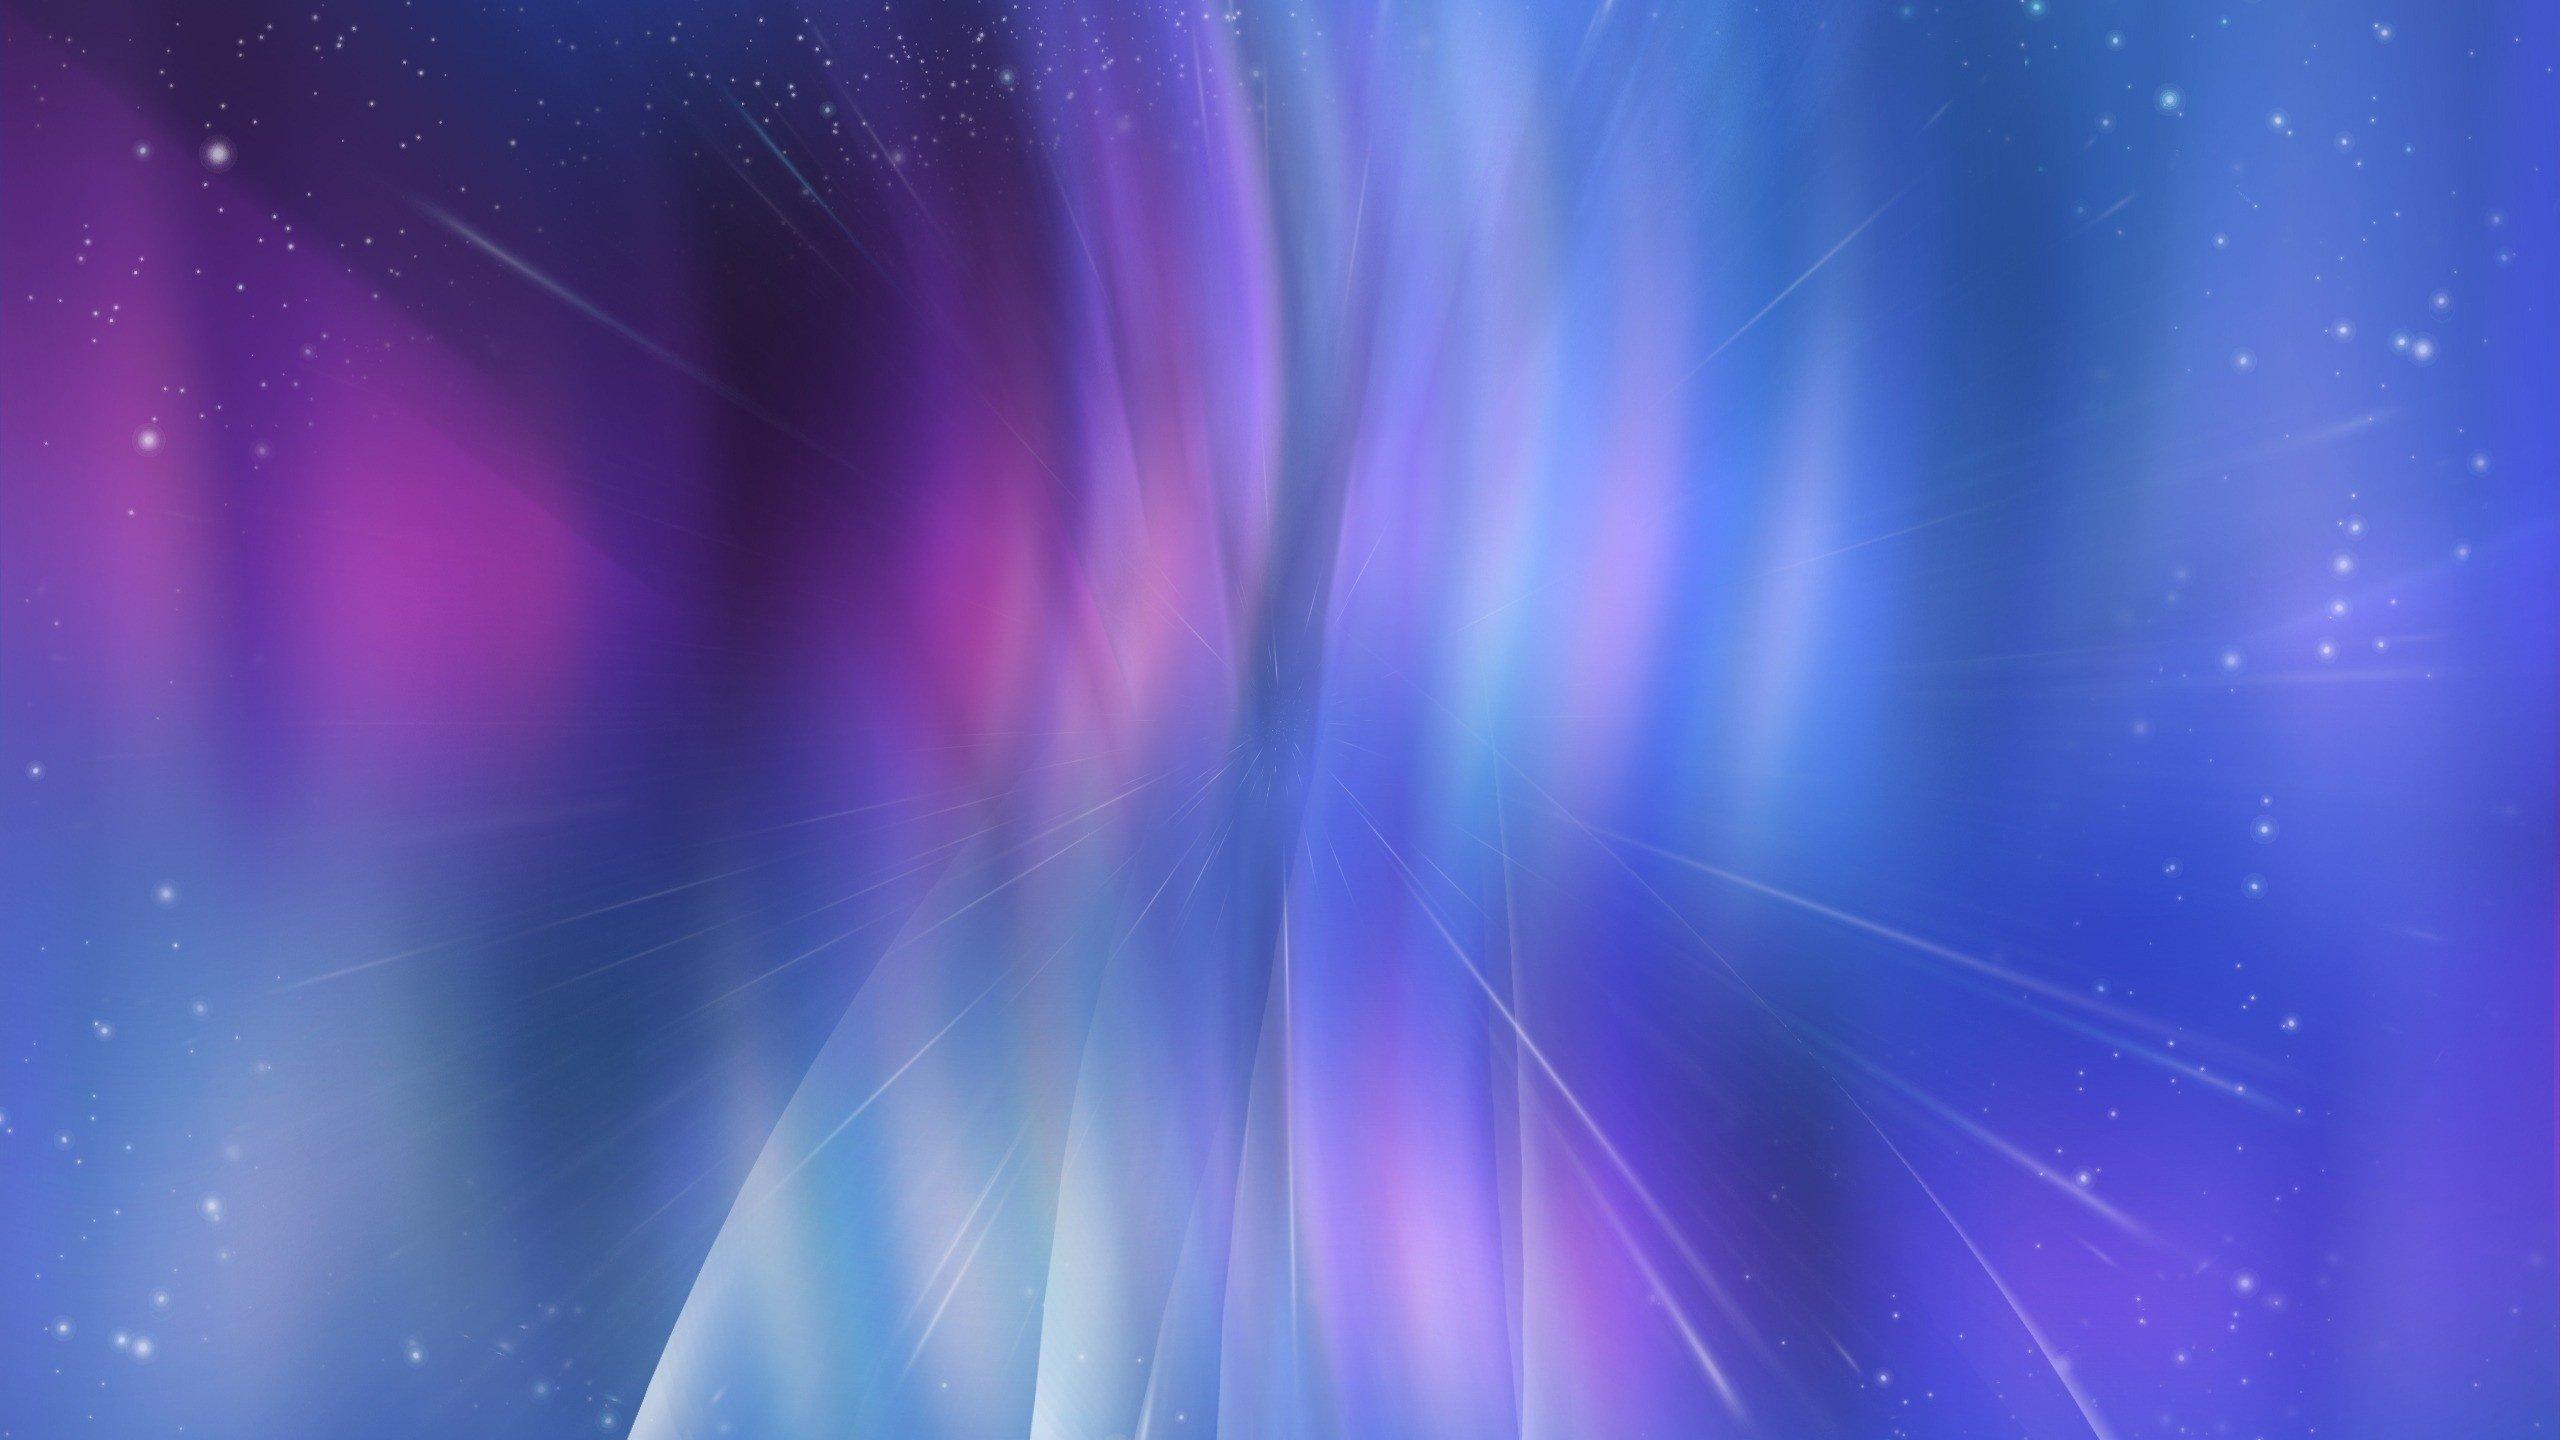 Обои сияние линии свечение lights line glow картинки на рабочий стол на тему Космос - скачать бесплатно